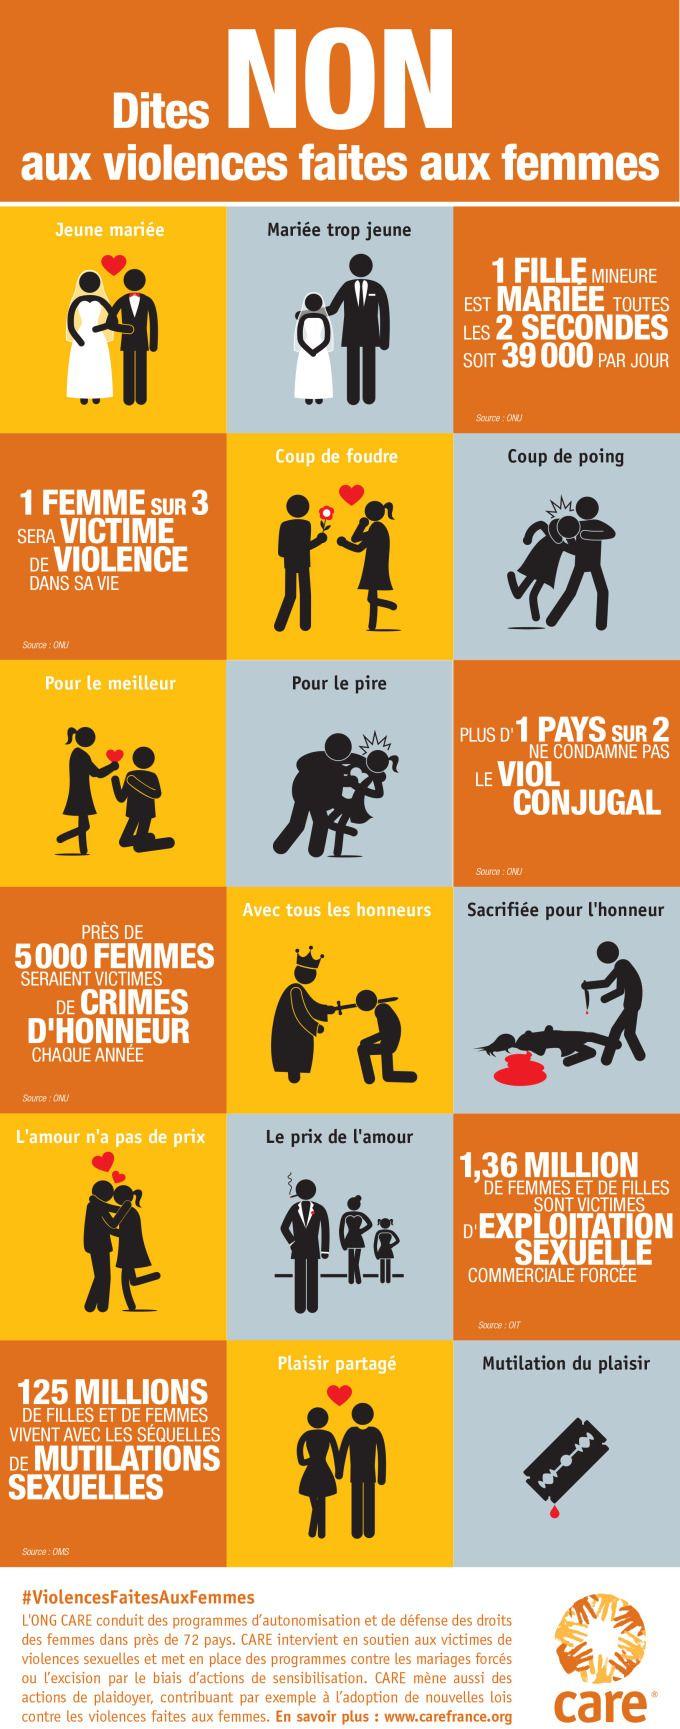 Dites NON aux violences faites aux femmes !